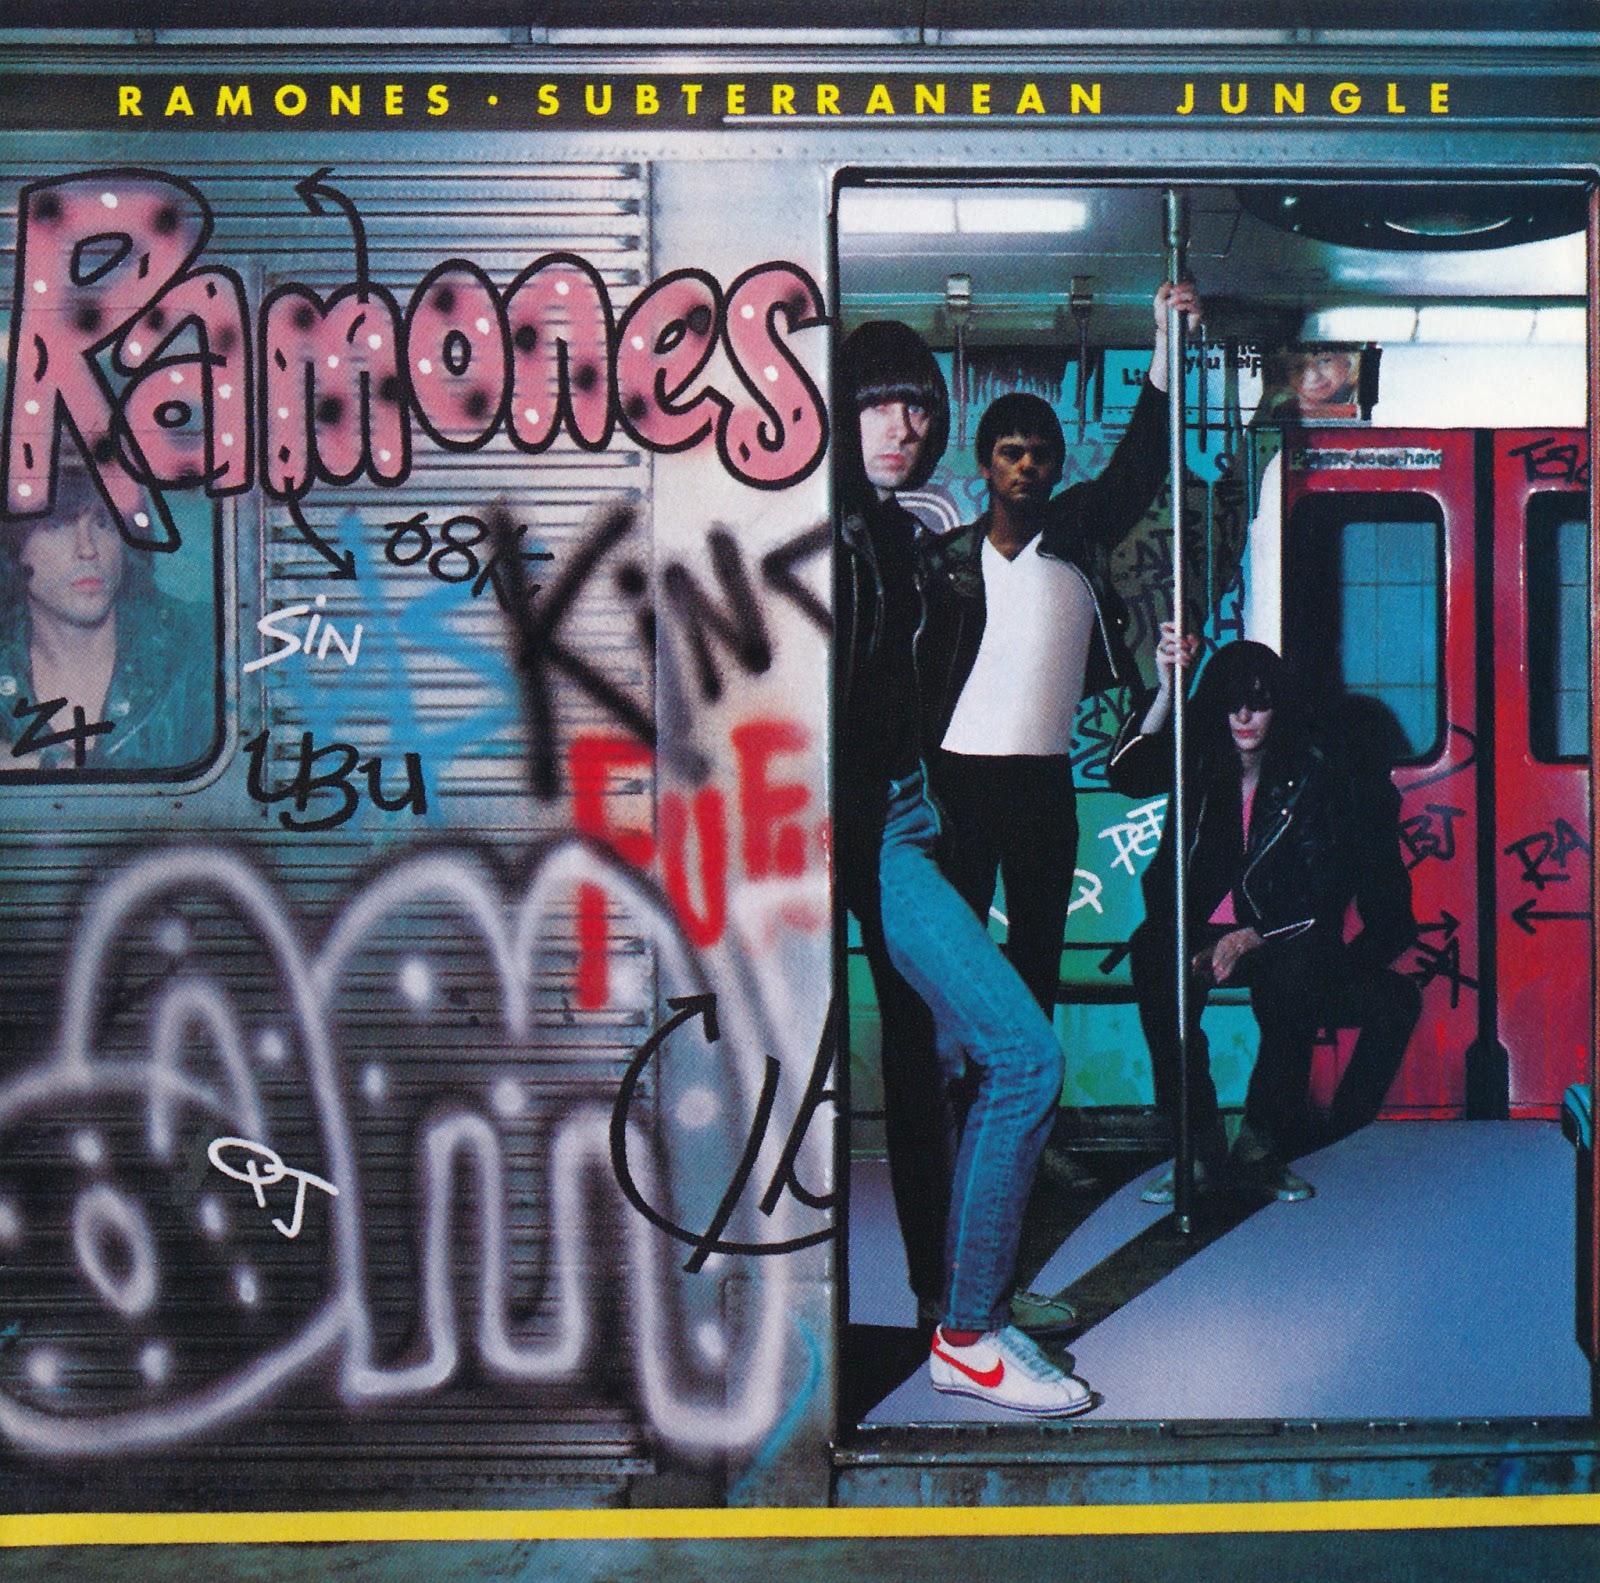 The Ramones' 1983 album 'Subterranean Jungle.'